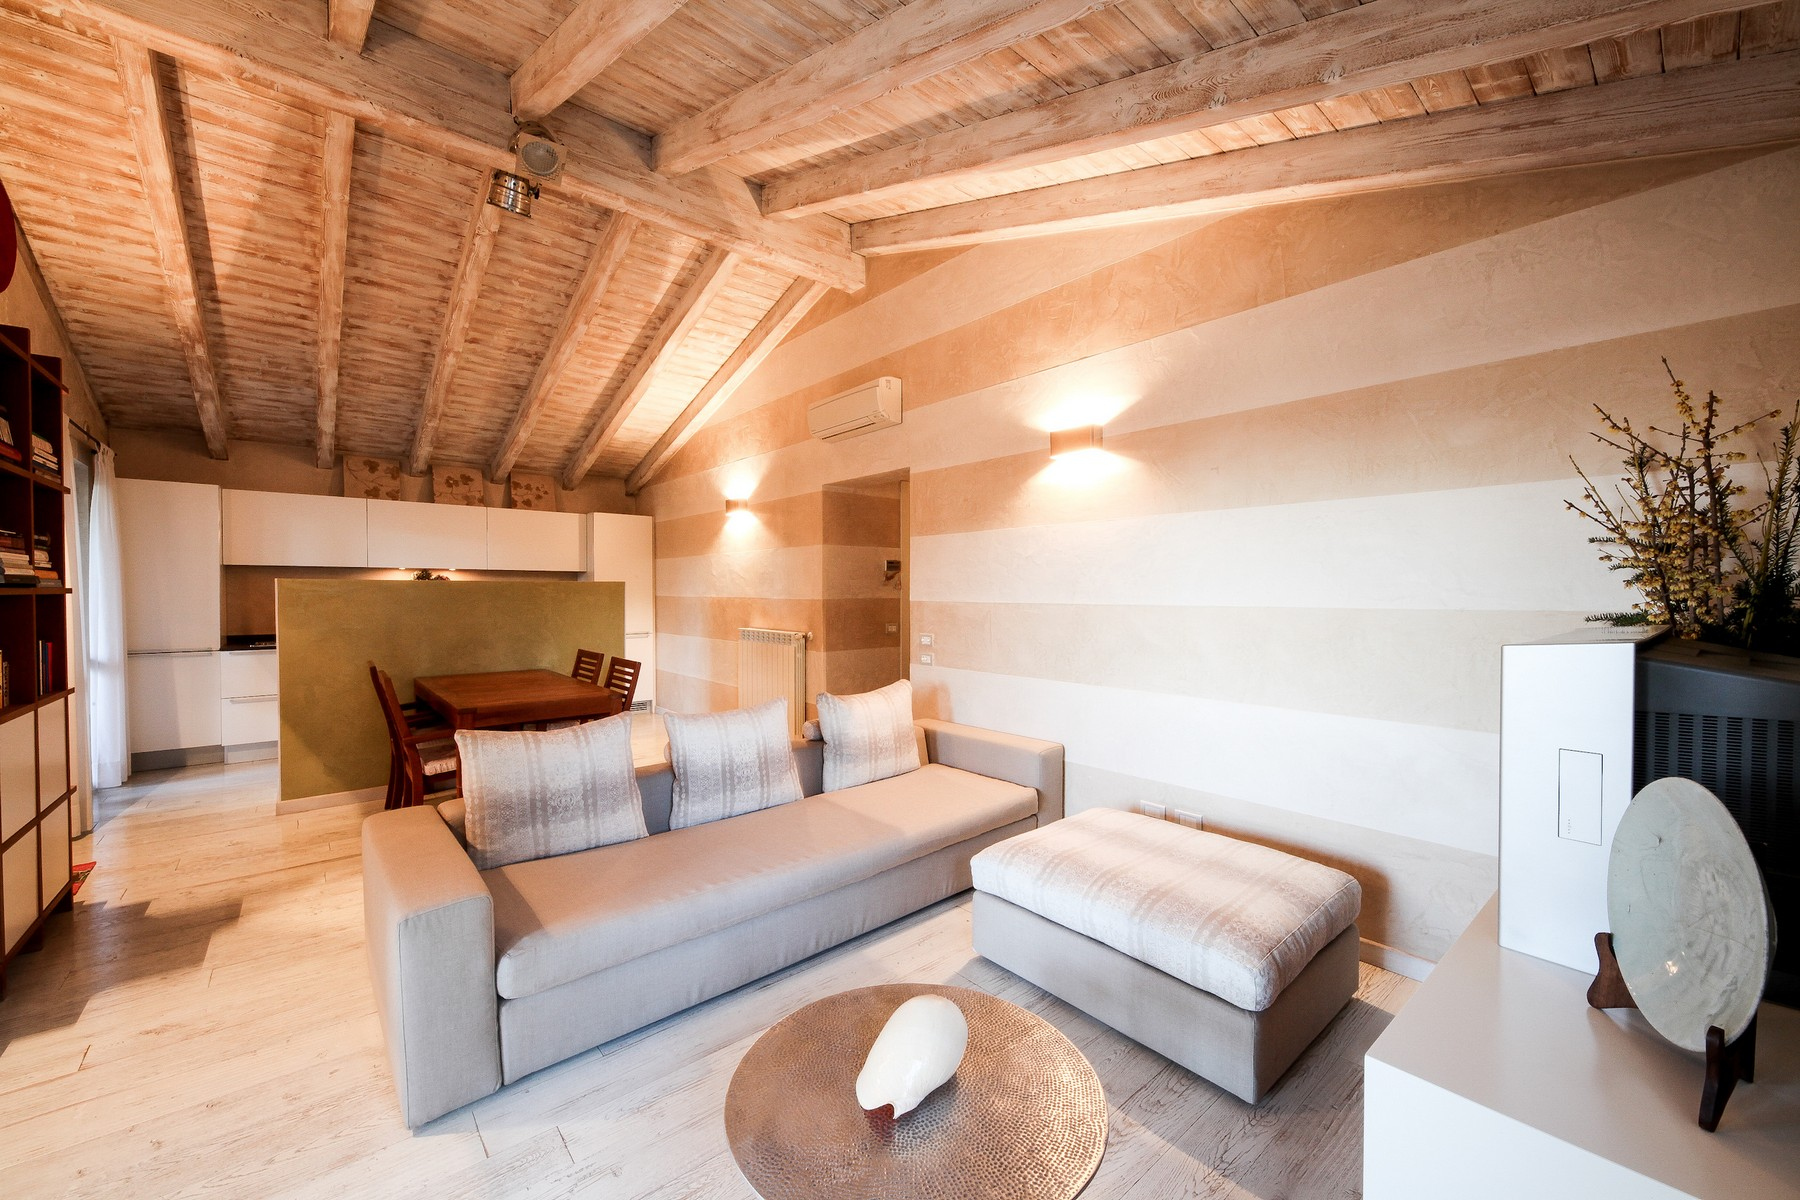 Attico in Vendita a Desenzano Del Garda: 4 locali, 158 mq